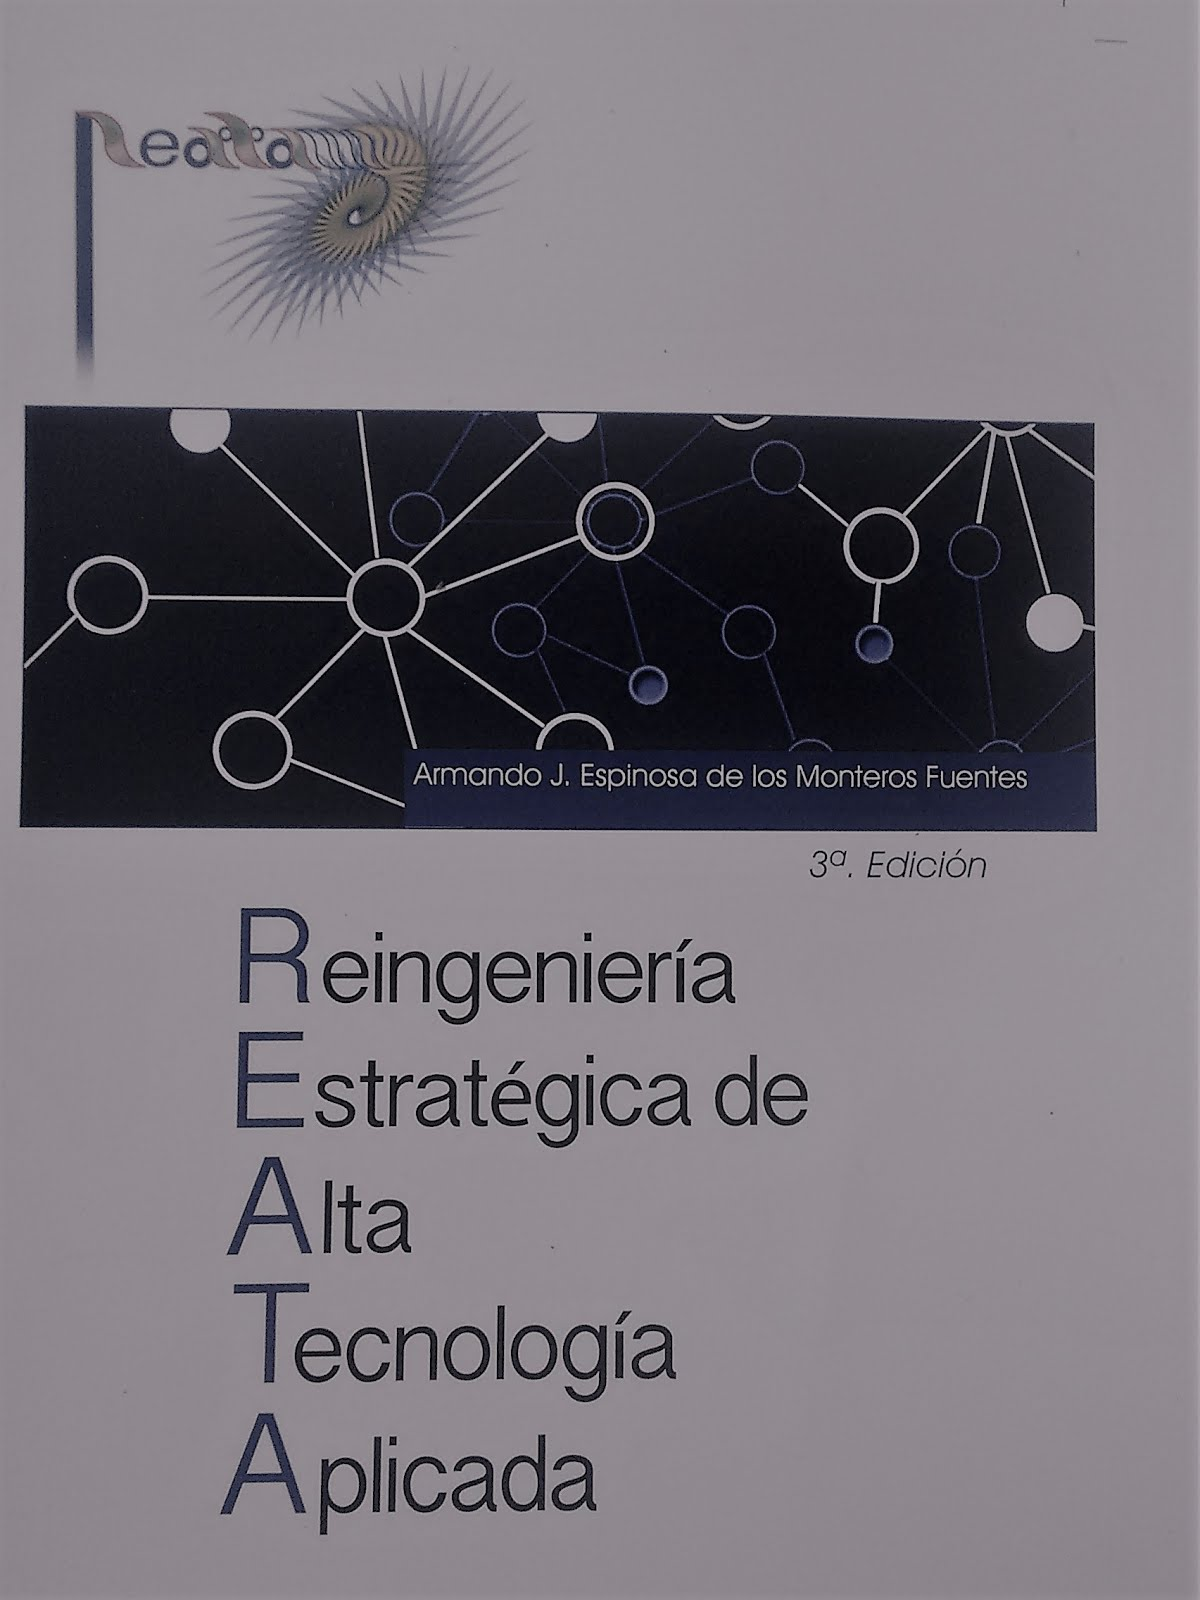 Contacto para la compra del libro tercera edición: gruporb@prodigy.net.mx